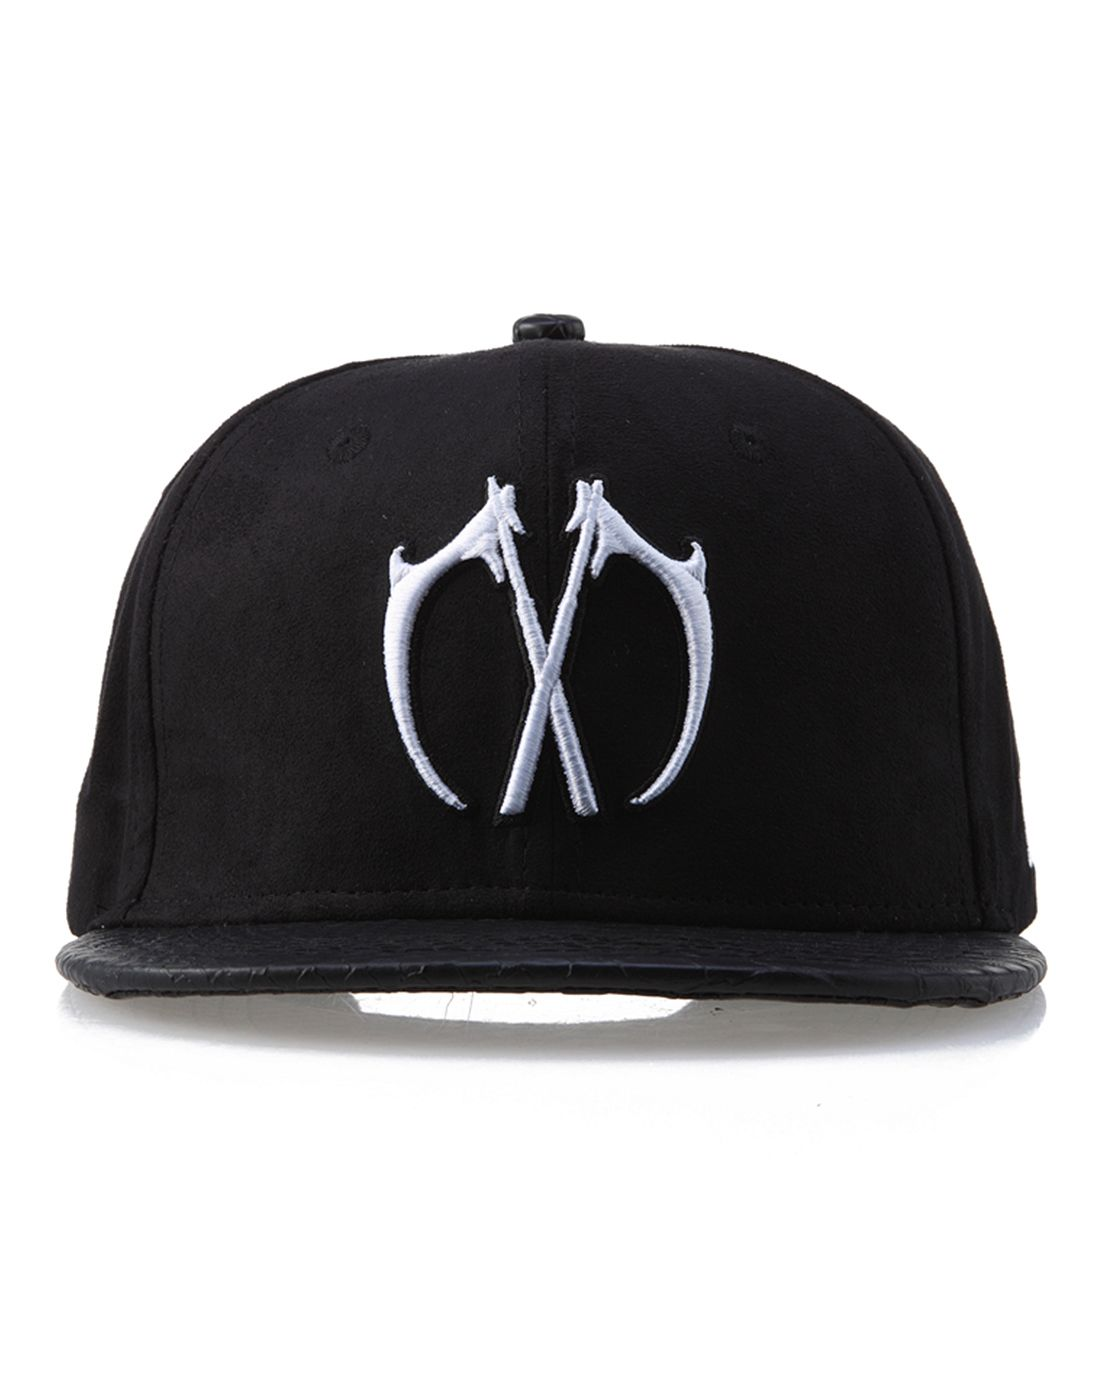 黑底白logo棒球帽